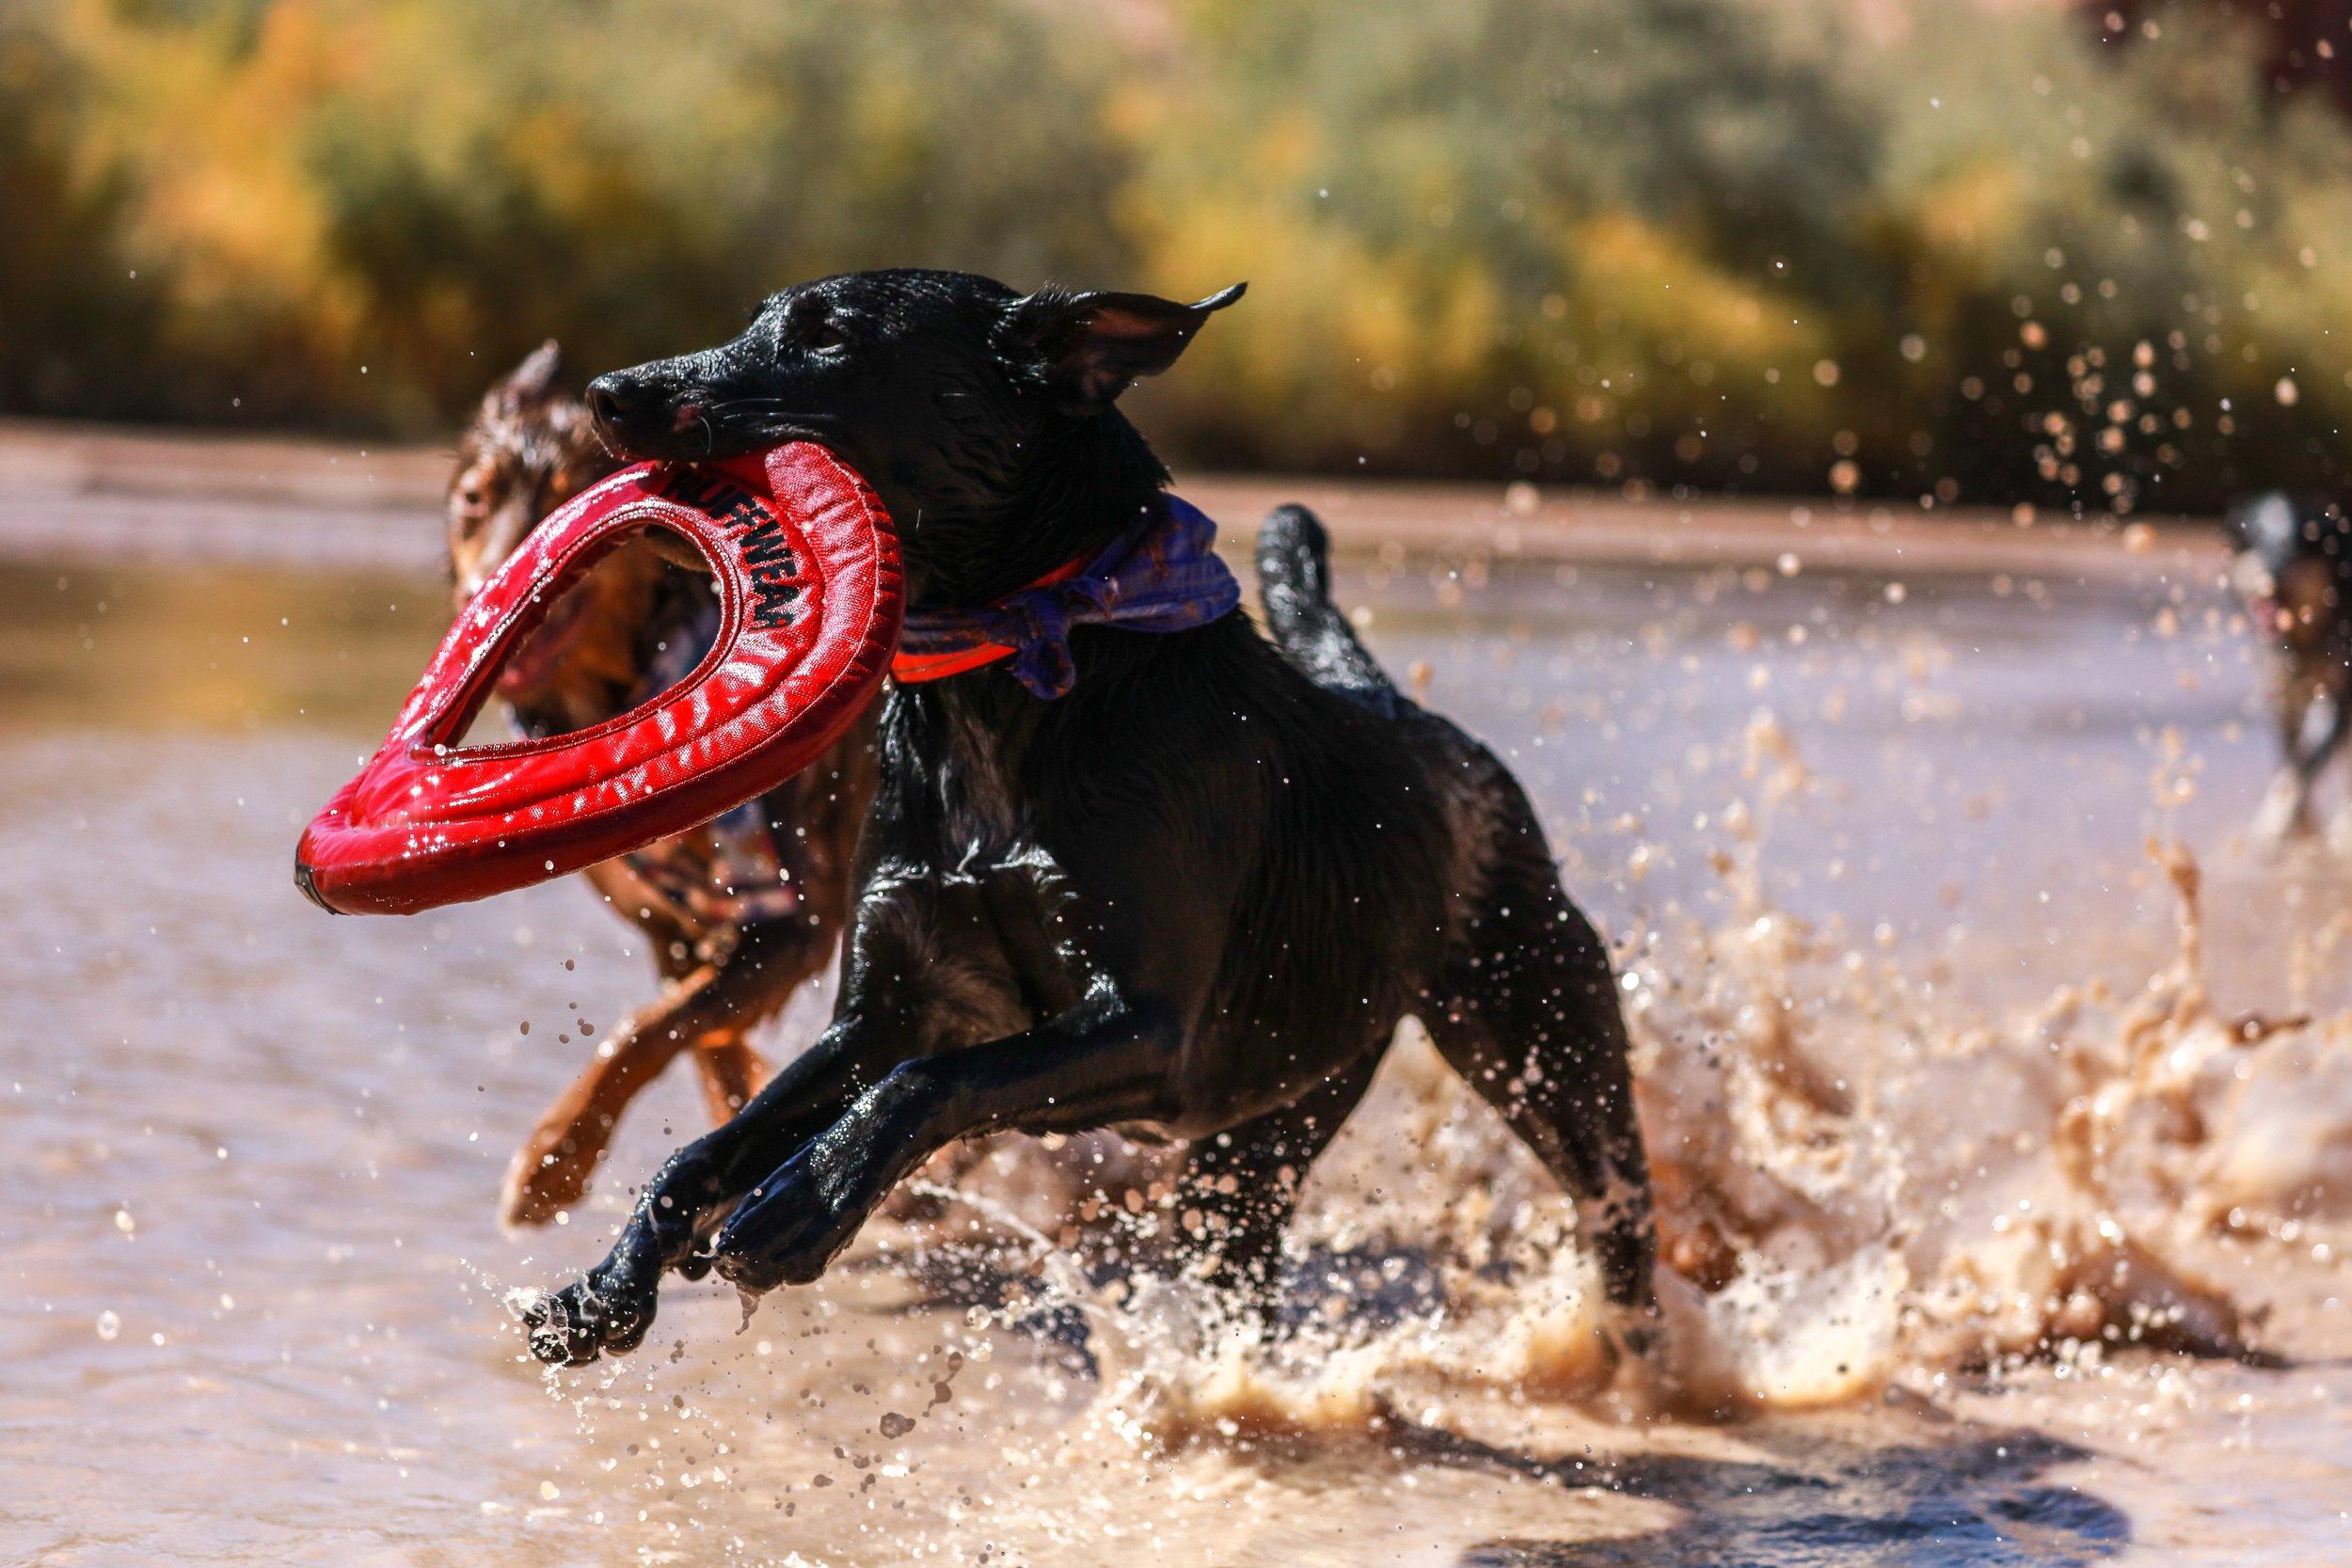 DOG TOYS -